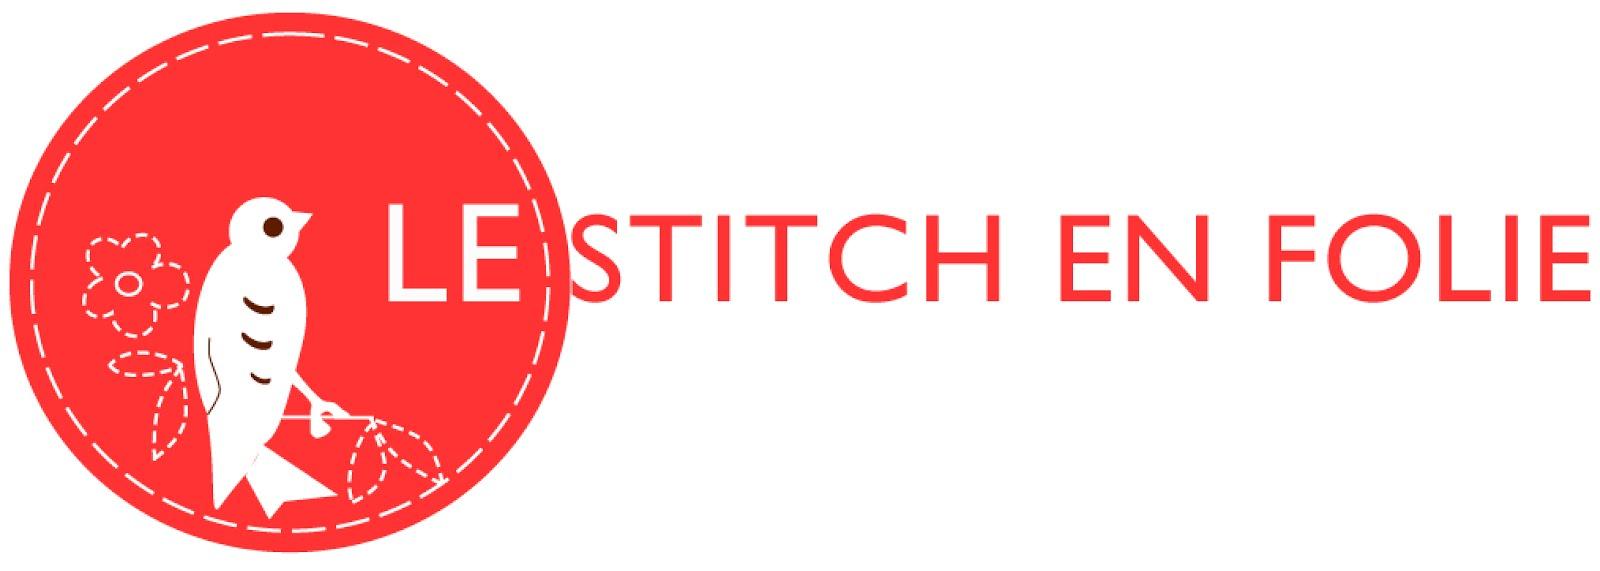 Le stitch en folie - le blog de la broderie, couture, feutrine et plus encore